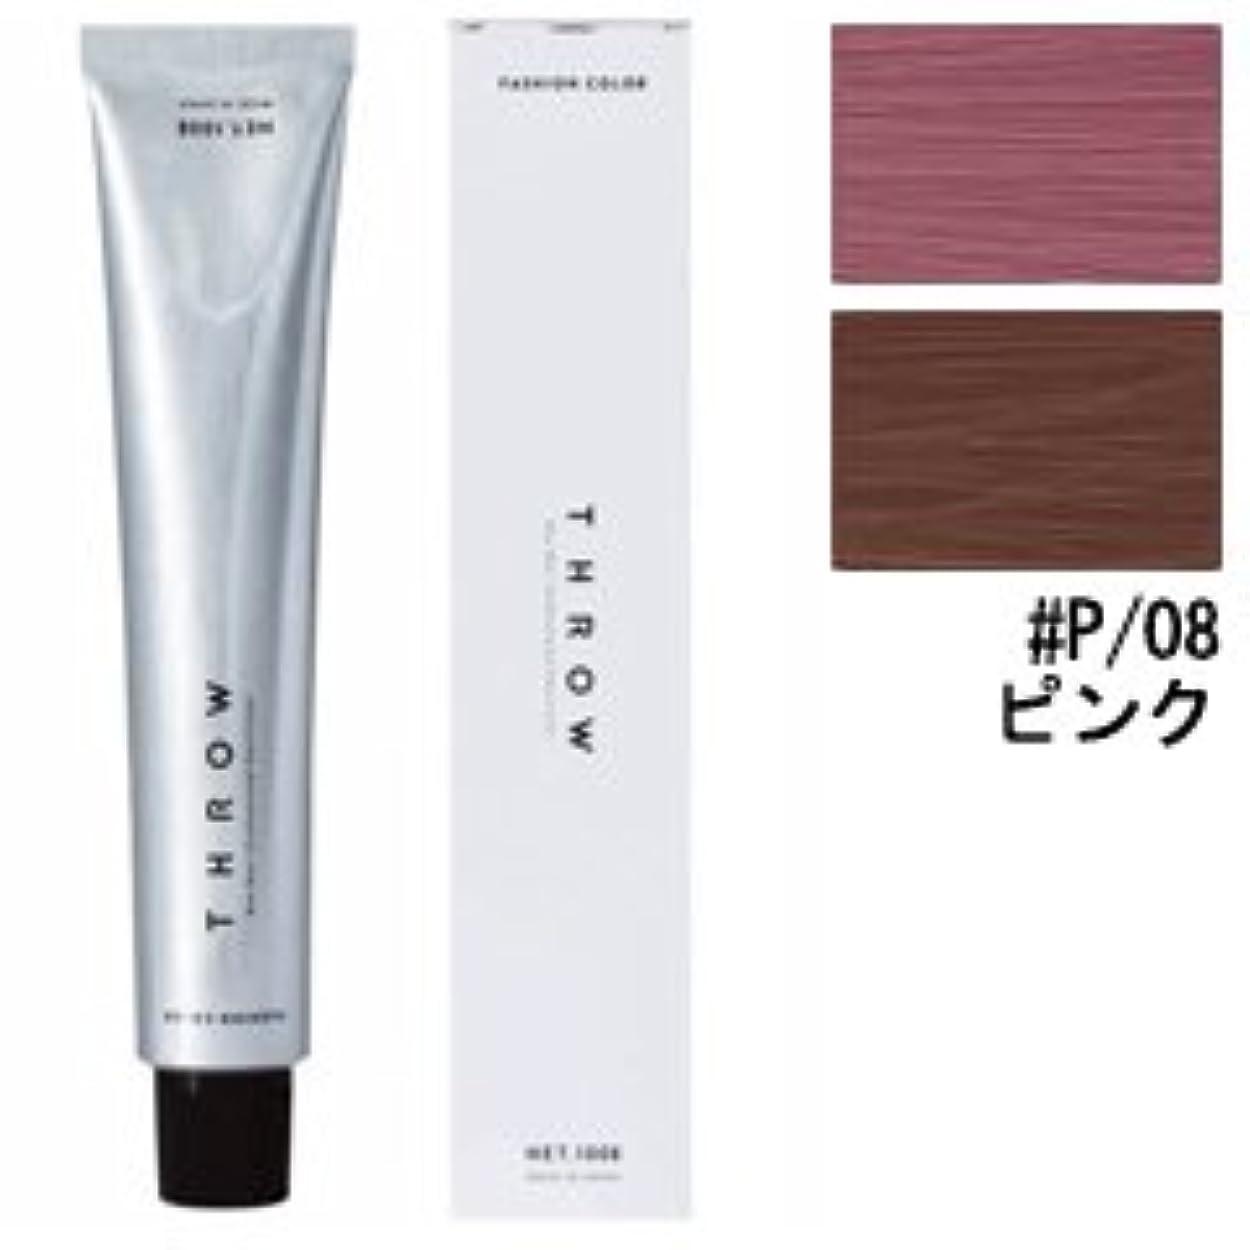 コールドトランジスタモトリー【モルトベーネ】スロウ ファッションカラー #P/08 ピンク 100g